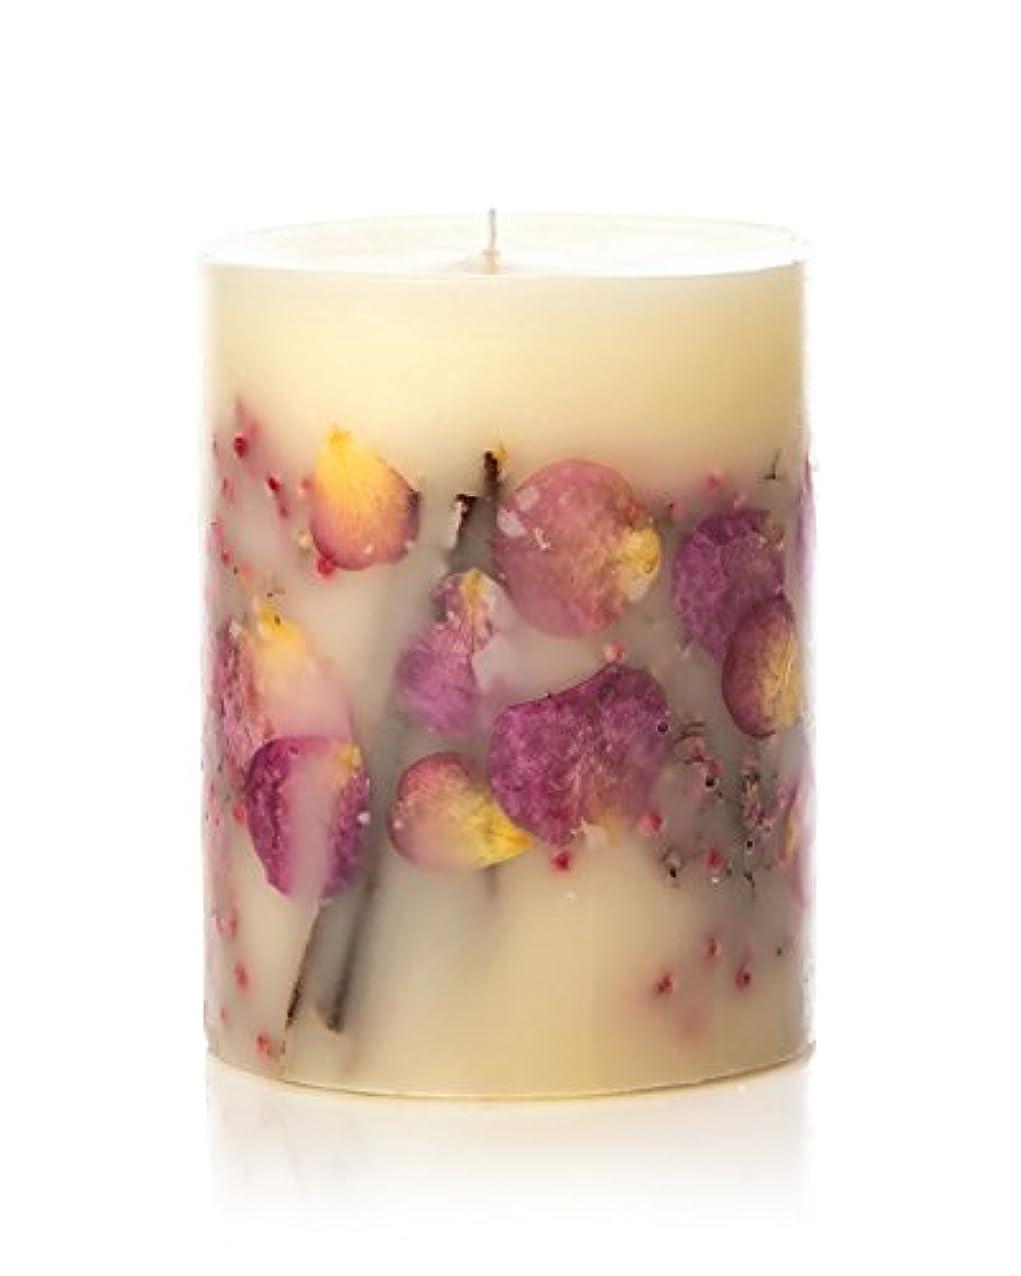 大西洋警戒階段ロージーリングス ボタニカルキャンドル ビッグラウンド アプリコット&ローズ ROSY RINGS Round Botanical Candle Big Round – Apricot Rose